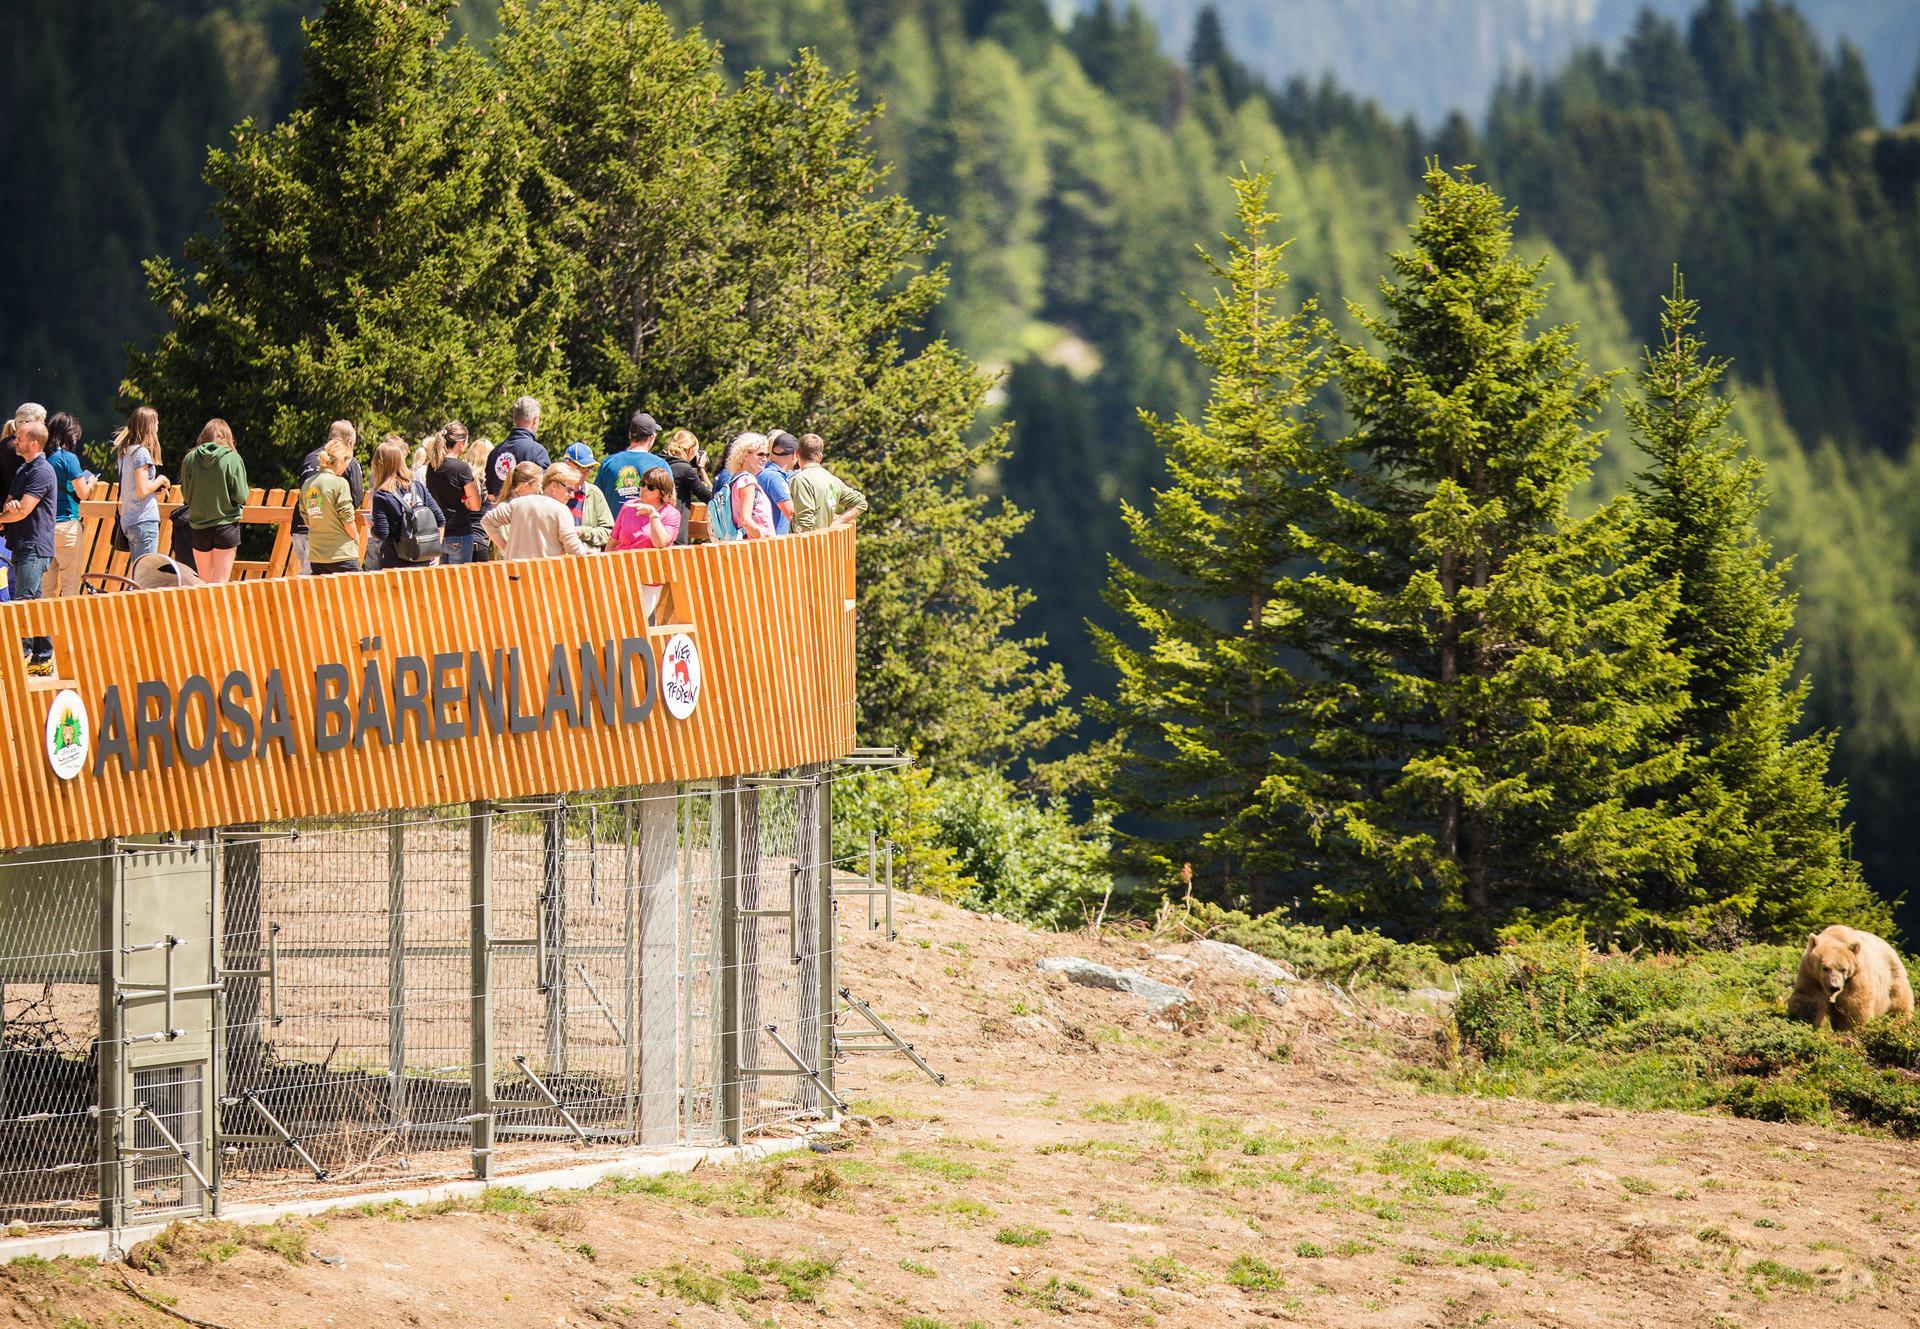 Eröffnung Arosa Bärenland